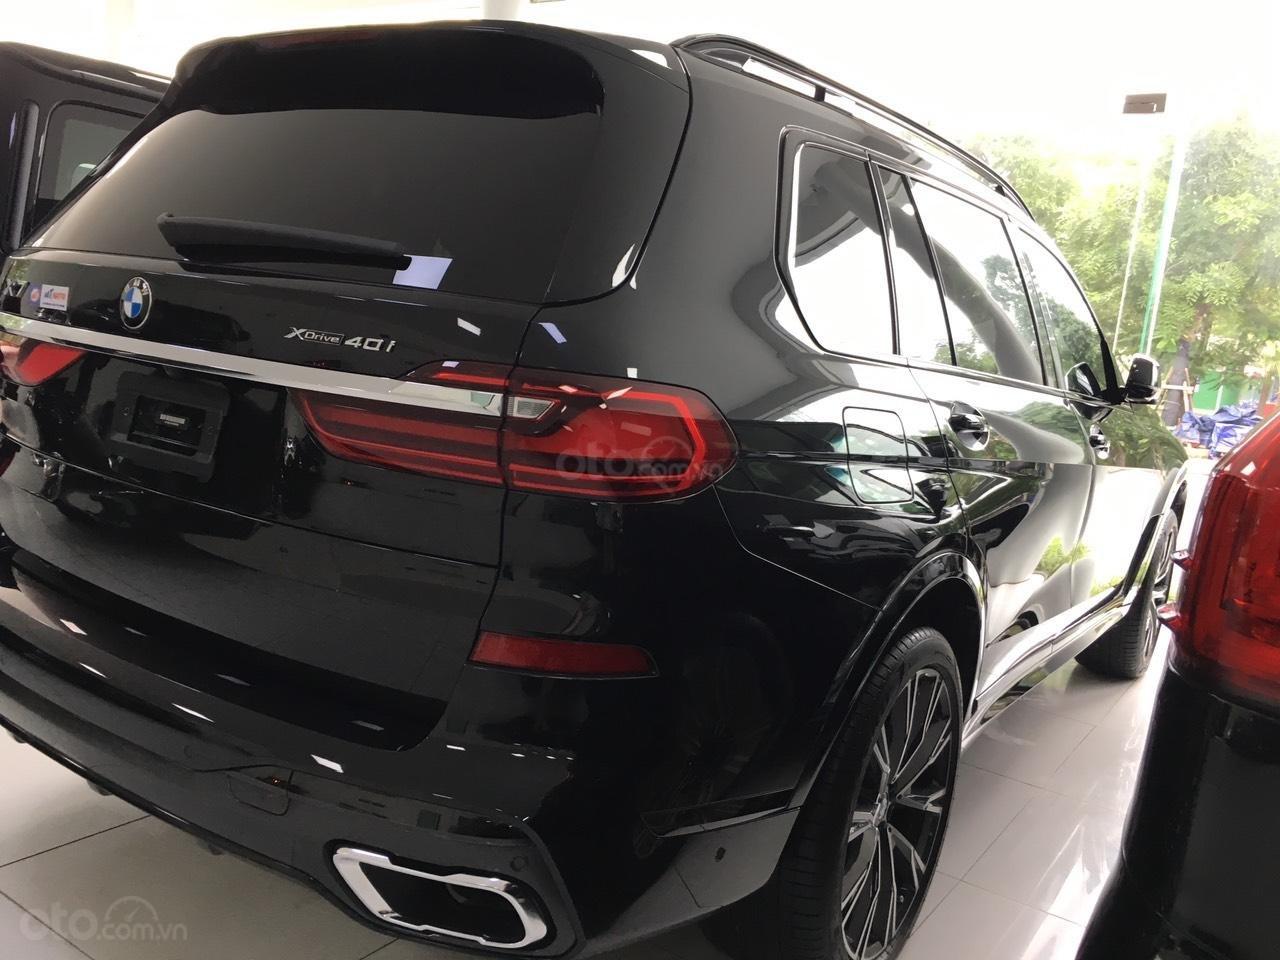 Bán xe BMW X7 xDrive 40i đời 2020, giá tốt, giao ngay toàn quốc - LH 093.996.2368 Ms. Ngọc Vy (7)